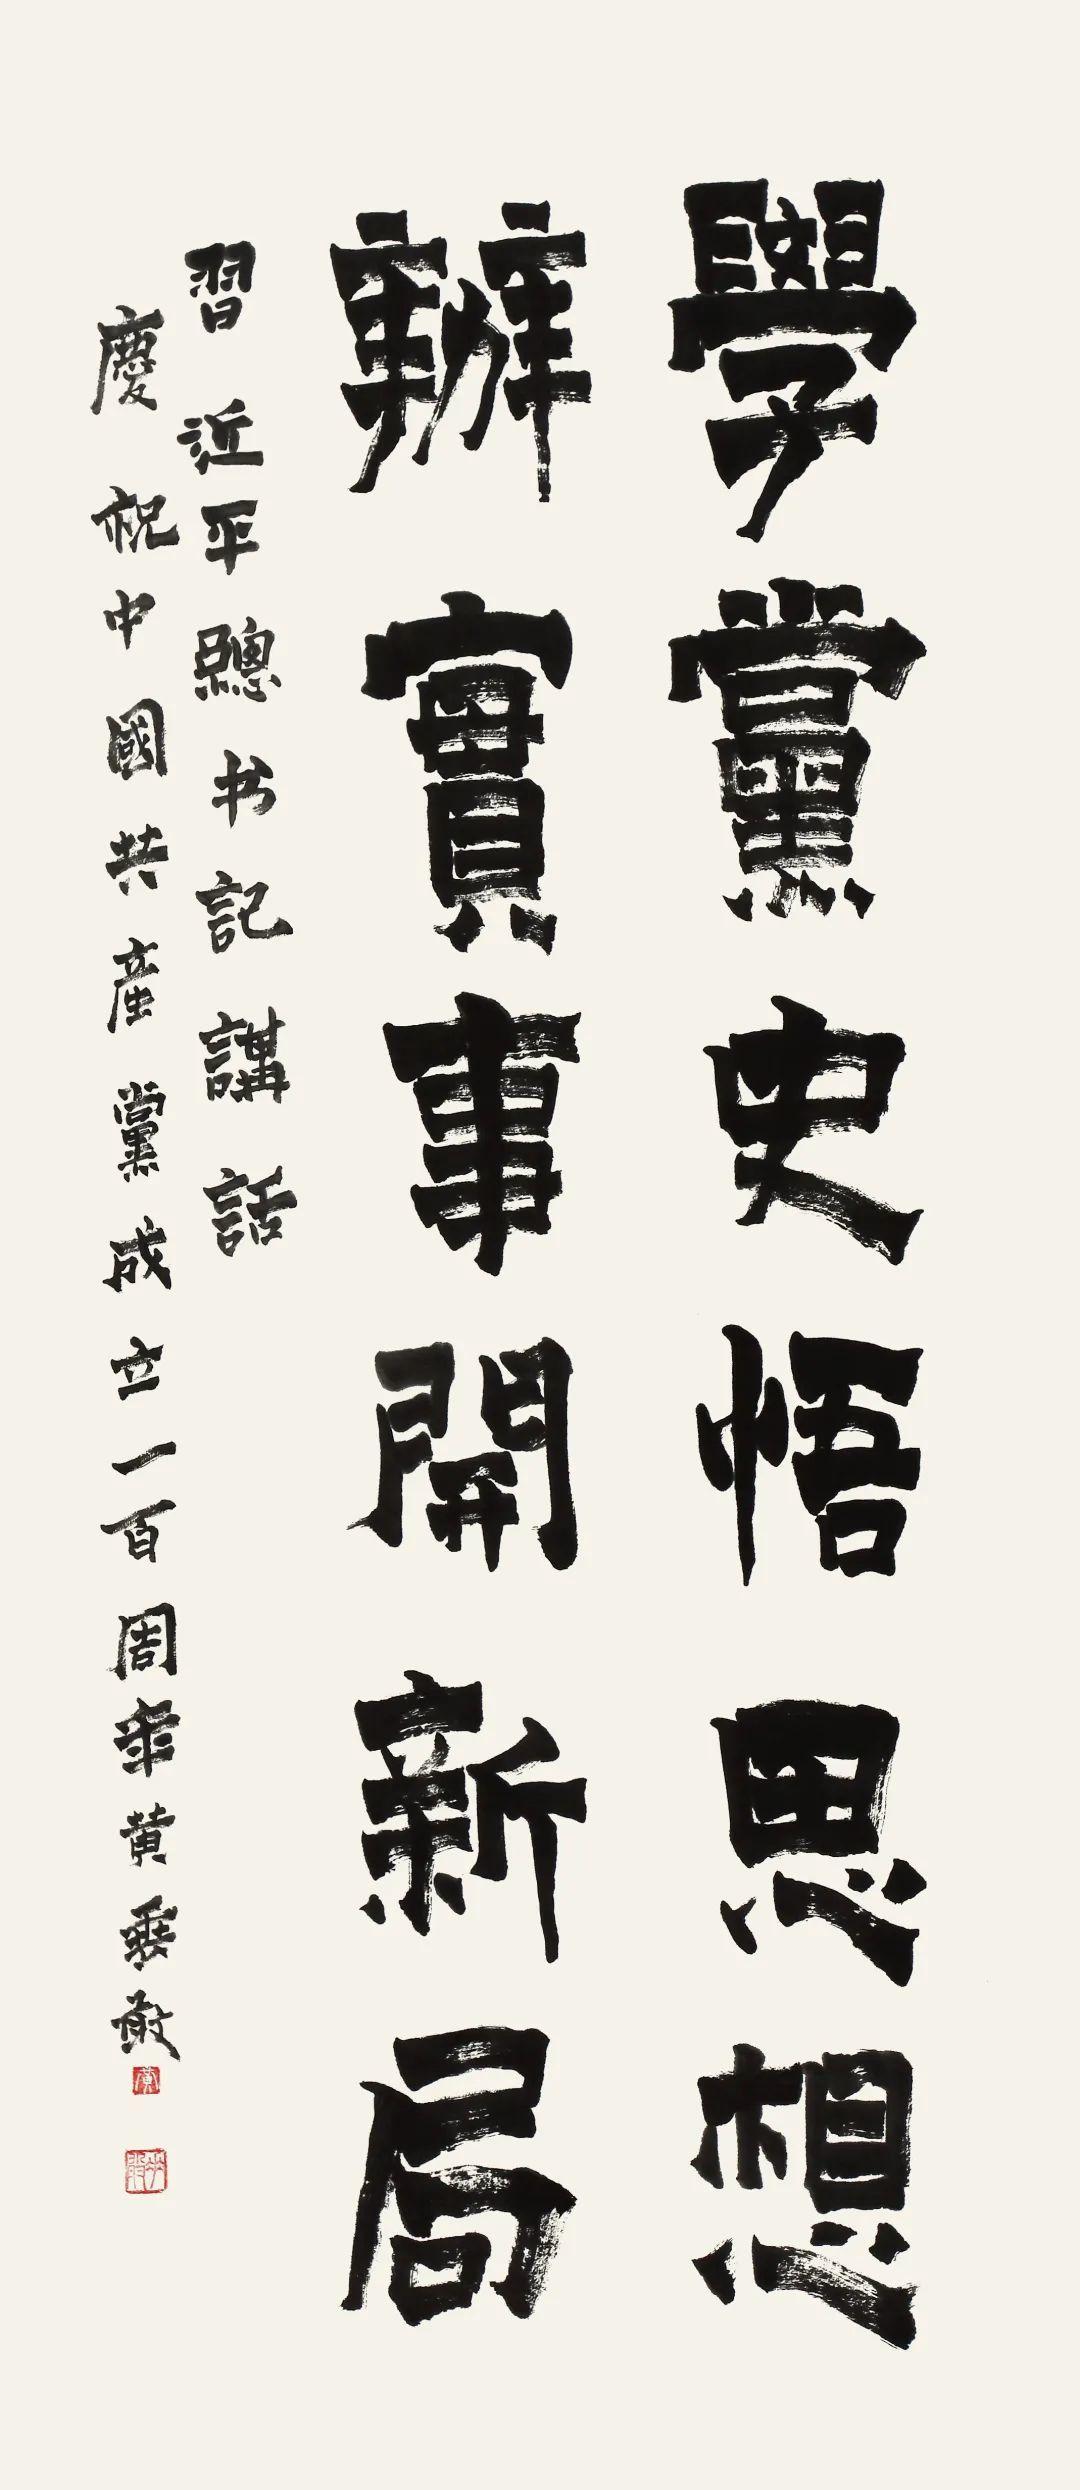 广东省美术家协会会员、广东省青年美术家协会理事、广州羊城书法研究会理事、广州致公书画院画家黄垂敢